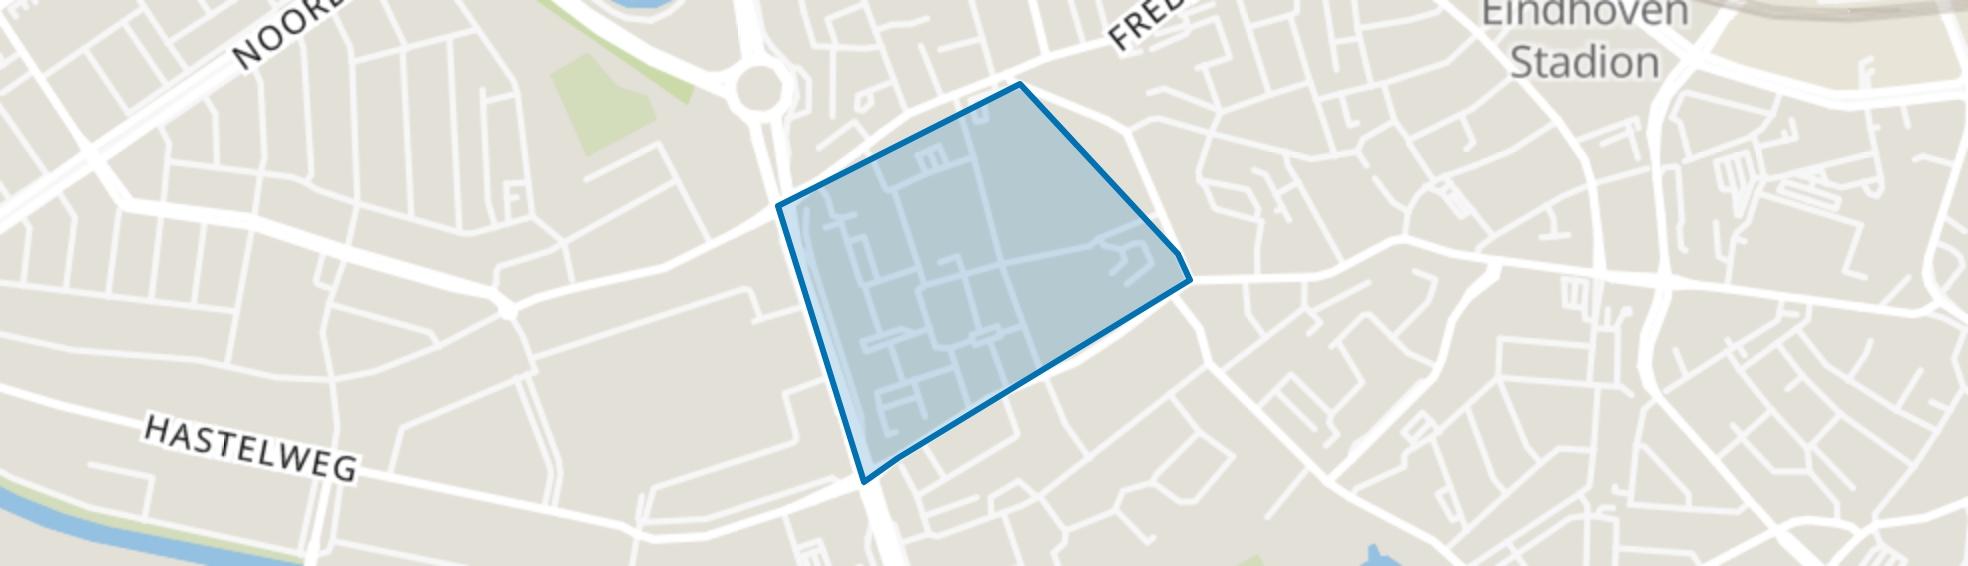 Schouwbroek, Eindhoven map